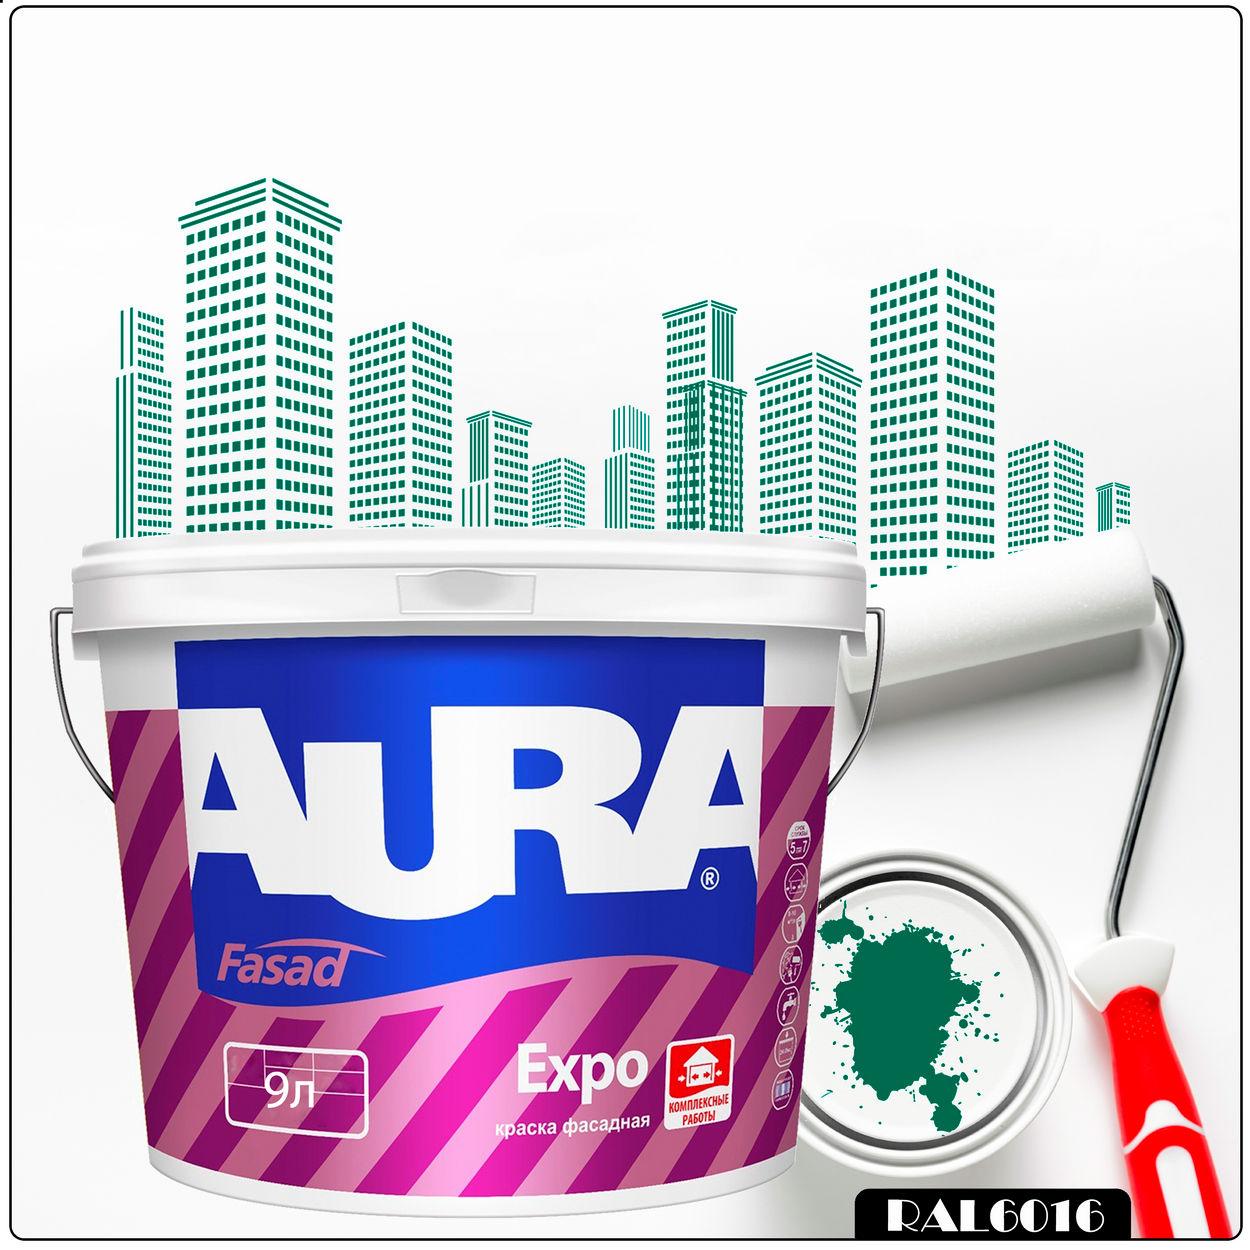 Фото 17 - Краска Aura Fasad Expo, RAL 6016 Бирюзово-зелёный, матовая, для фасадов и помещений с повышенной влажностью, 9л.